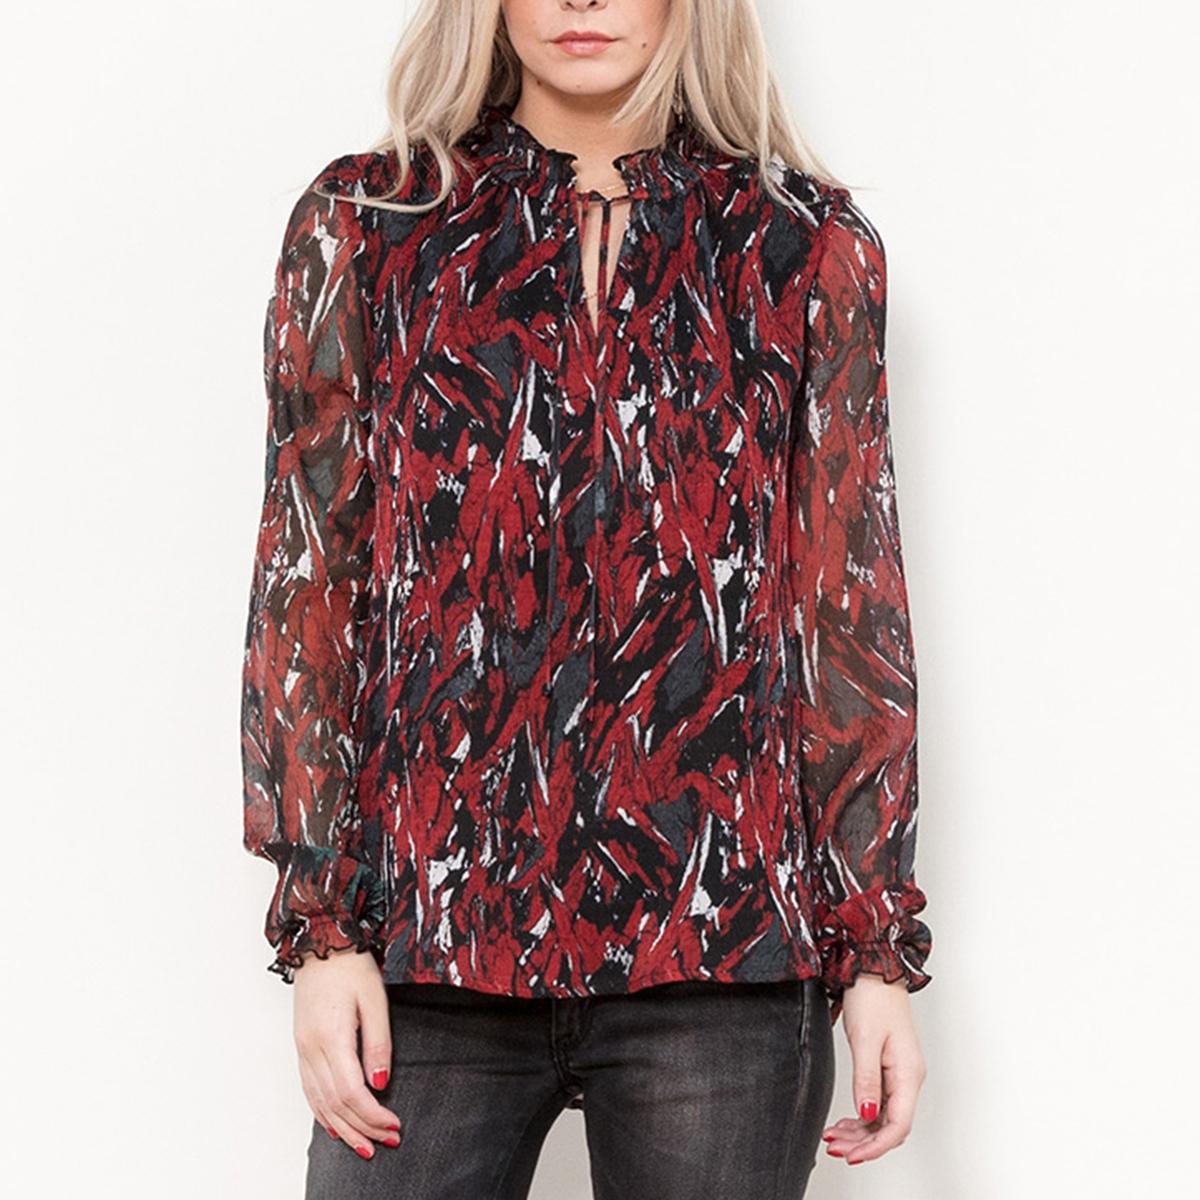 Блузка с рисунком, воротником-стойкой и длинными рукавами блузка в клетку с воланами и длинными рукавами check